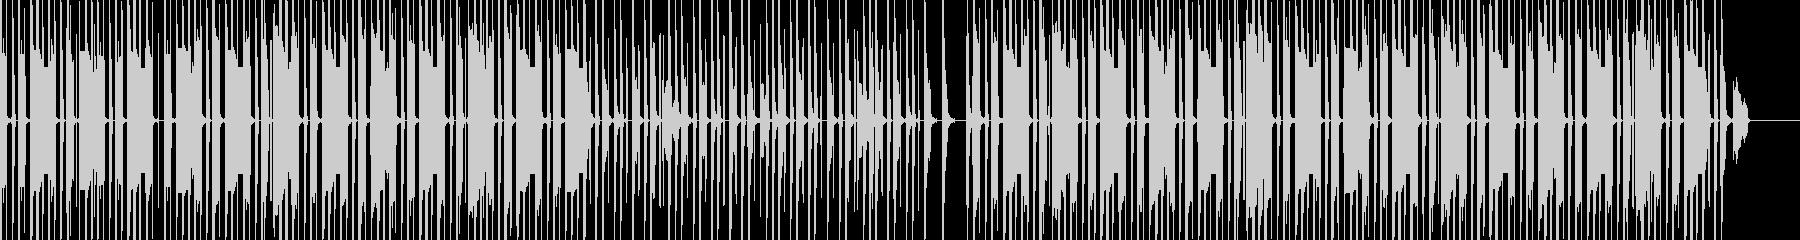 アニメ/アプリで使用なBGMの未再生の波形